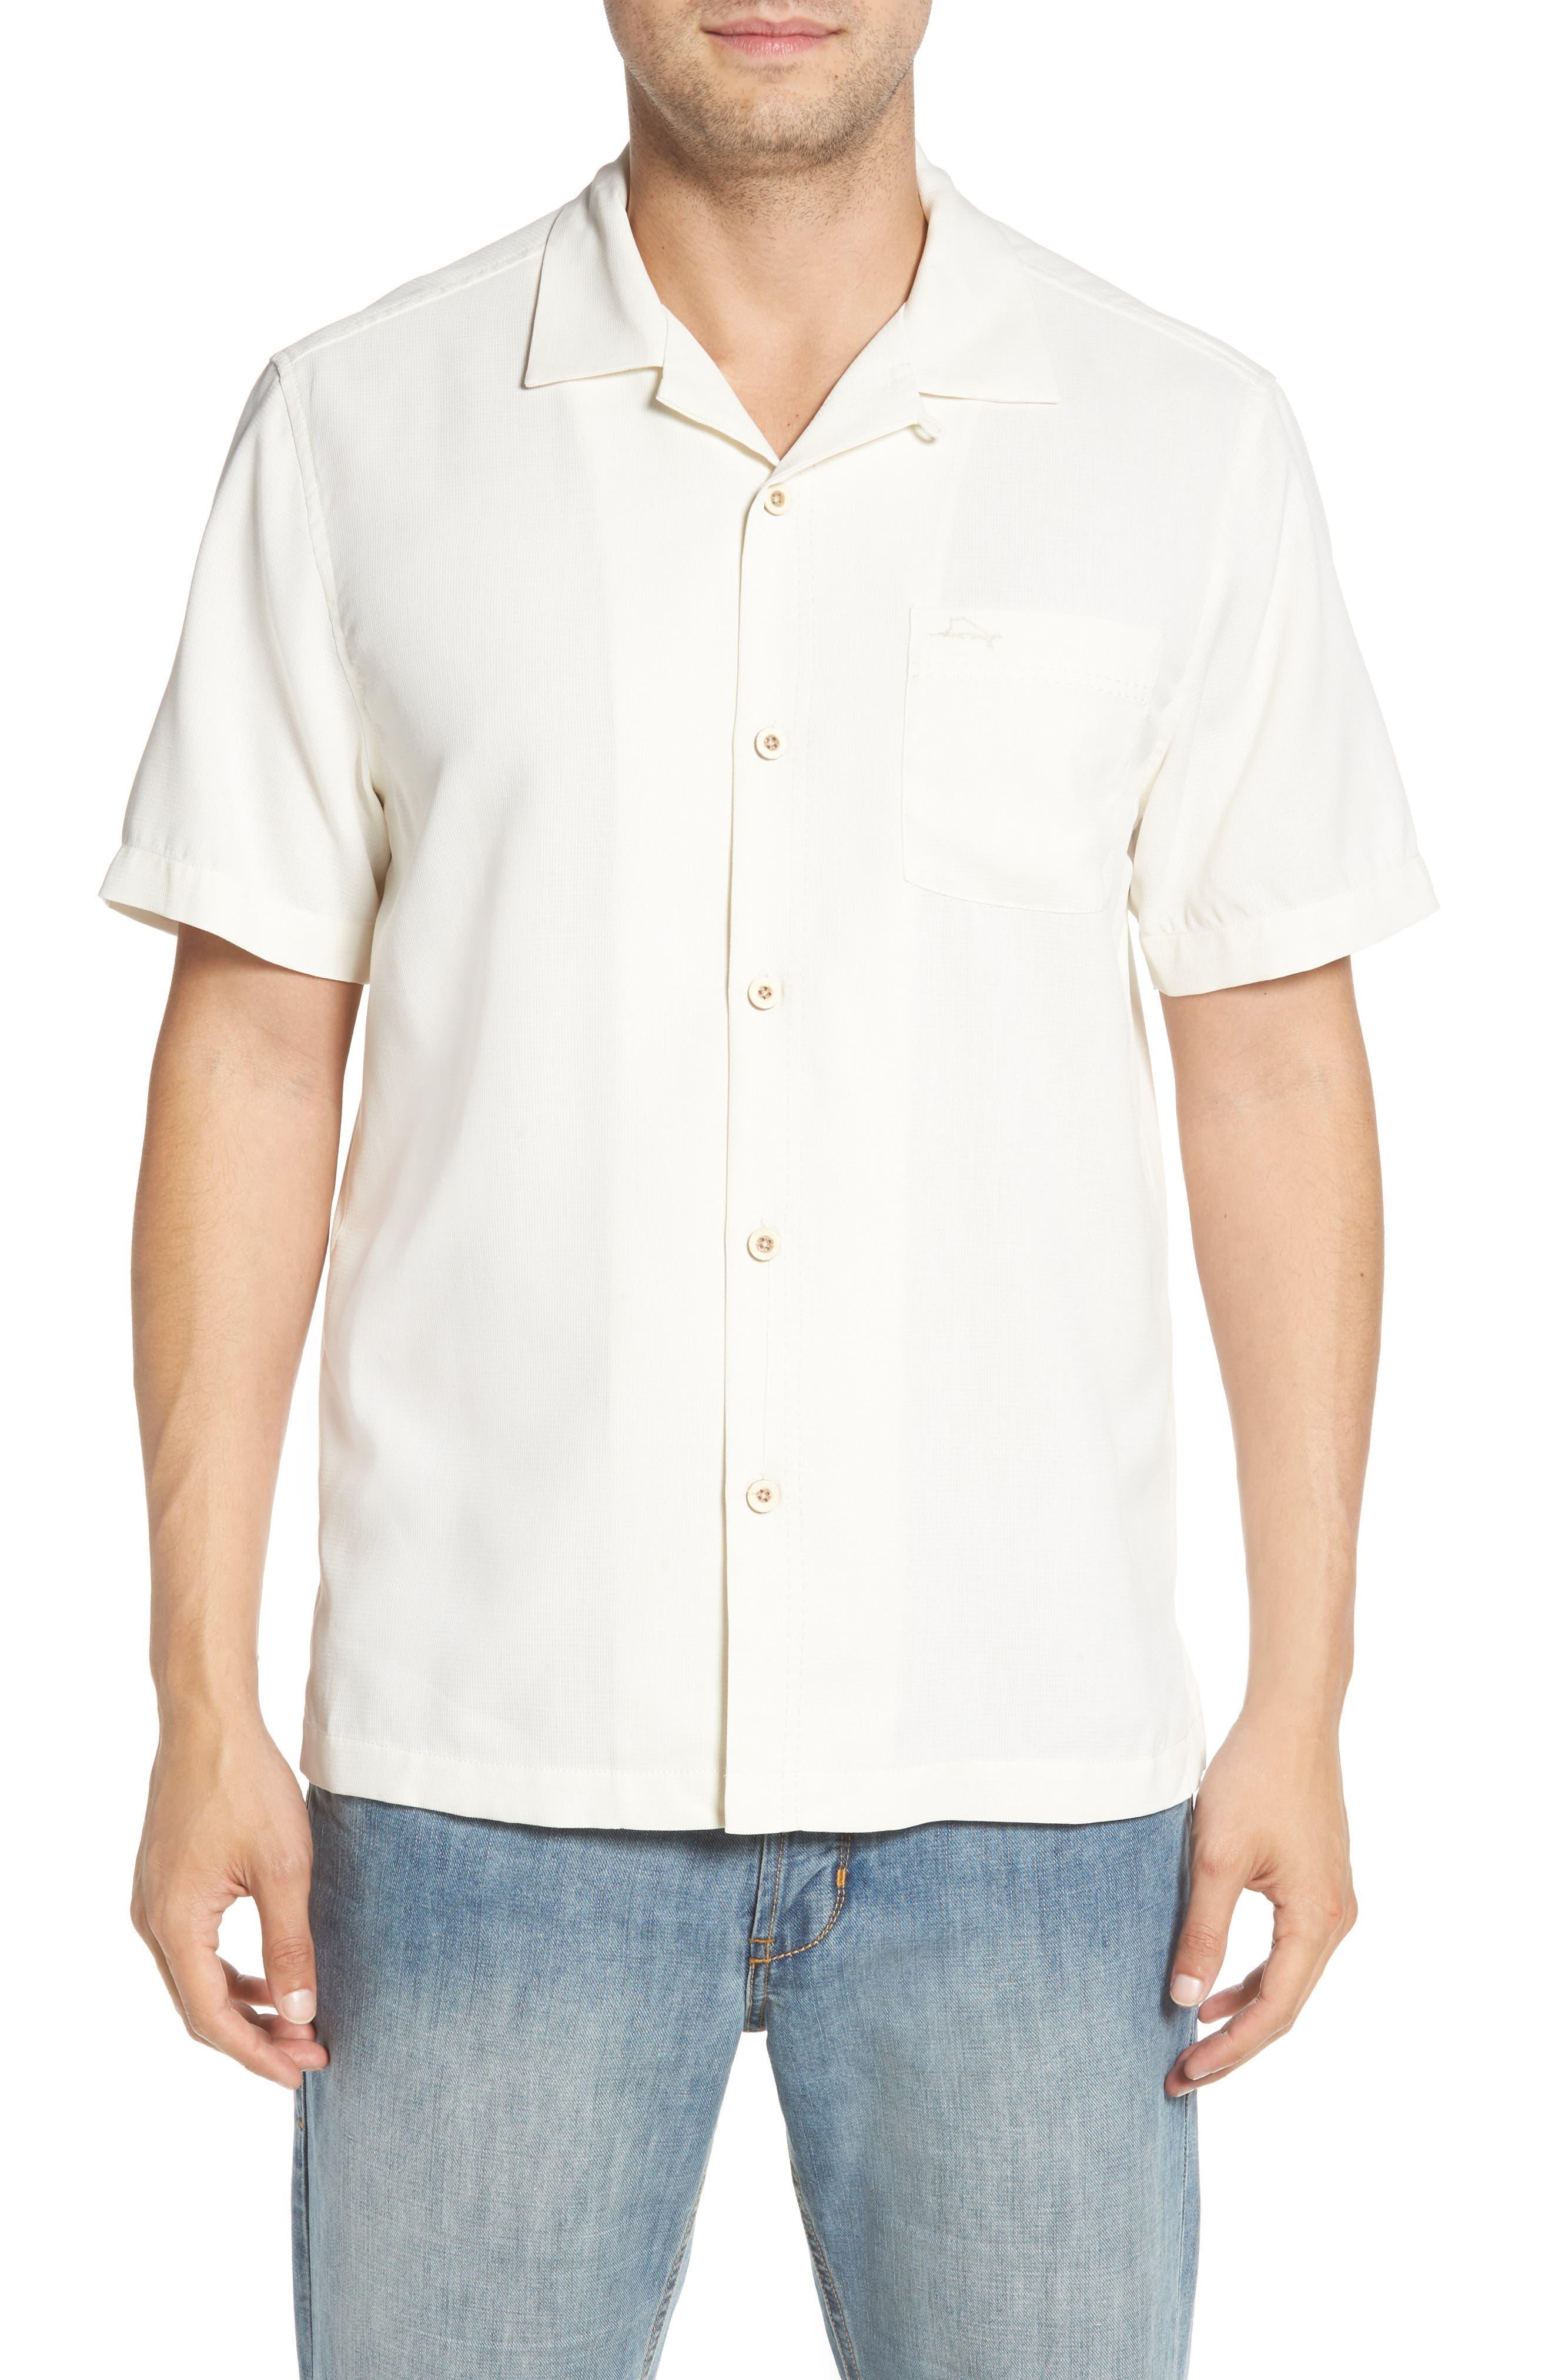 TOMMY BAHAMA,                             Royal Bermuda Silk Blend Camp Shirt,                             Main thumbnail 1, color,                             CONTINENTAL